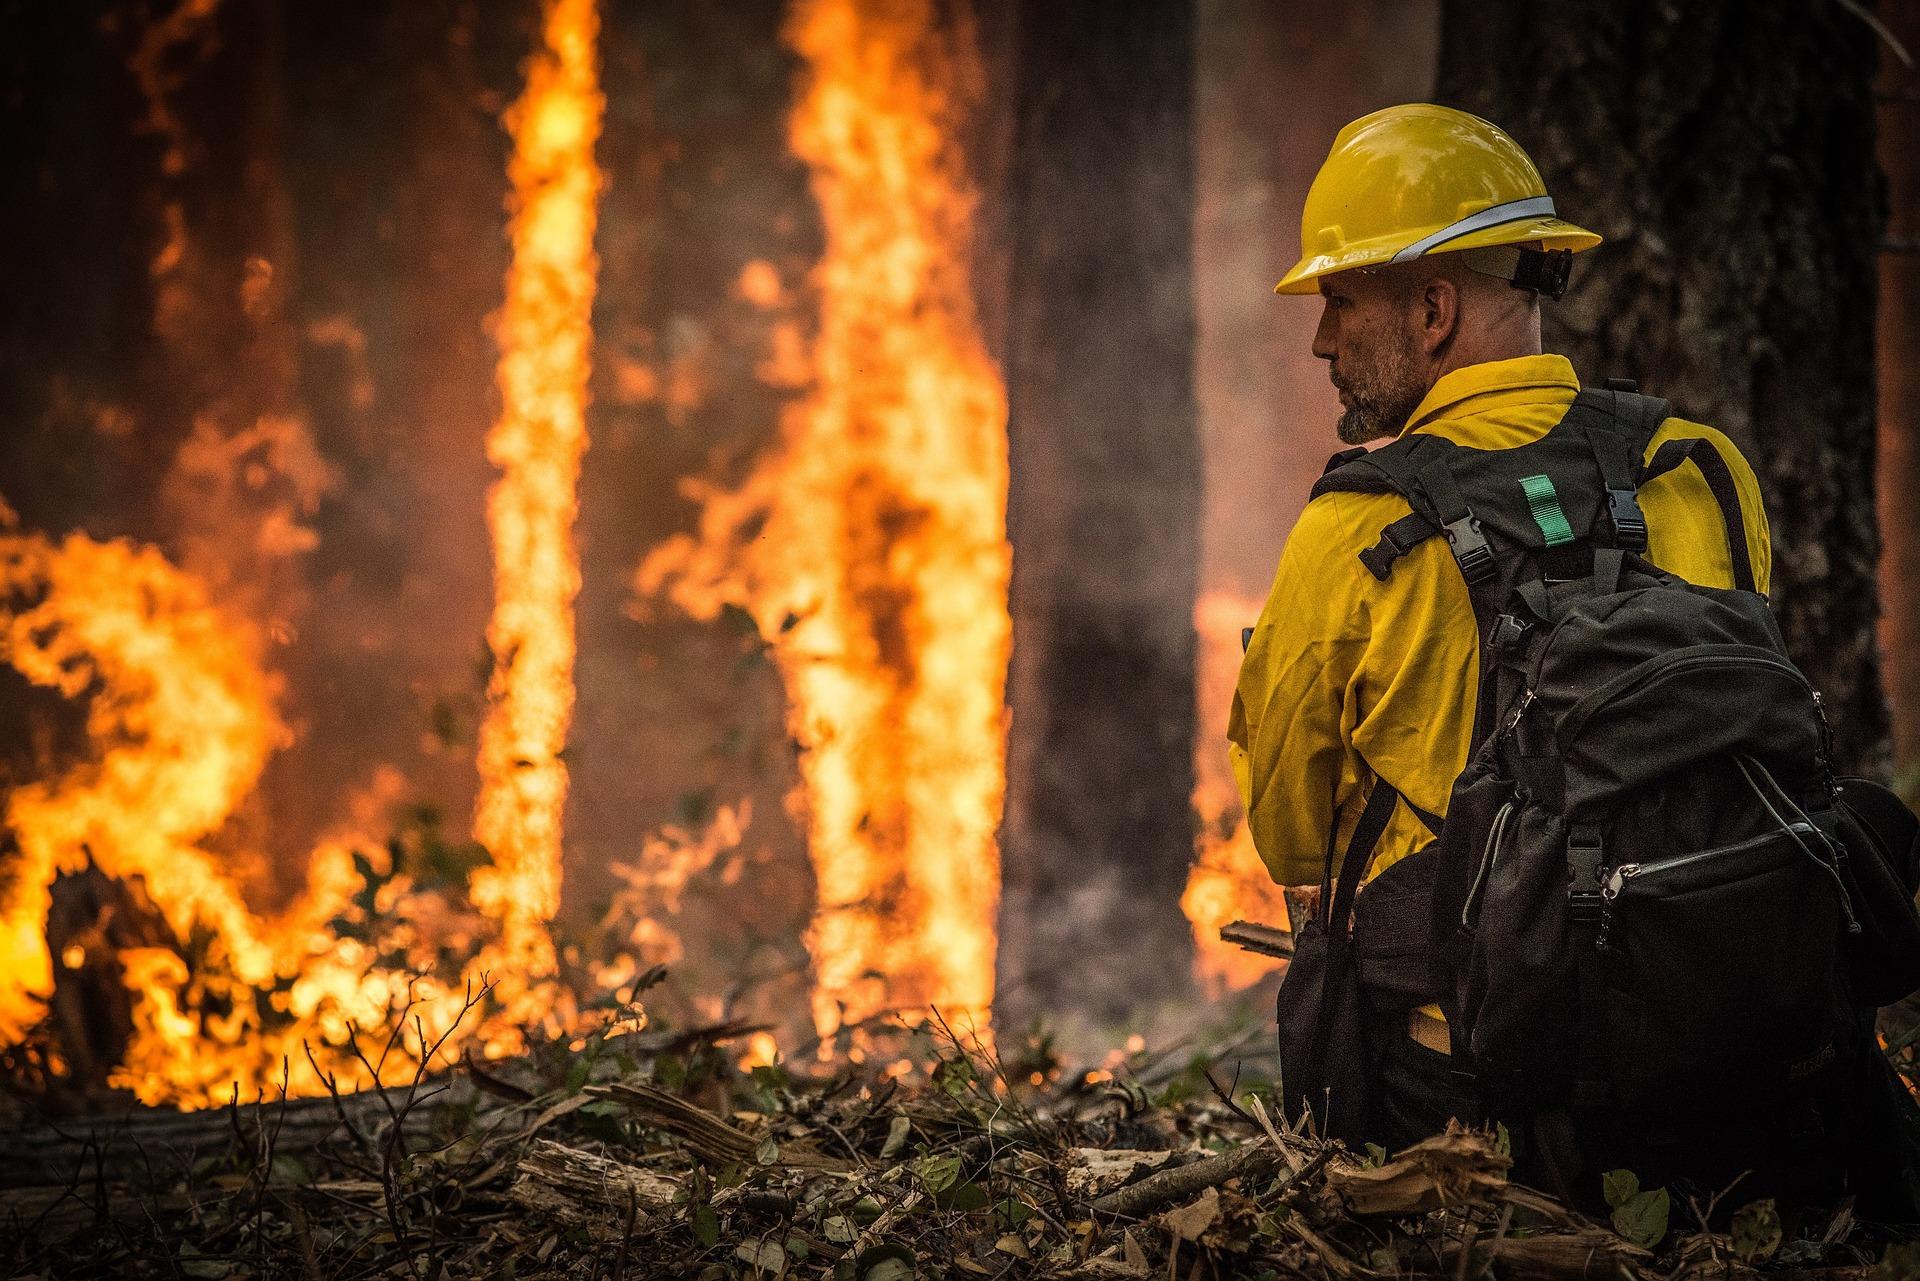 На Дальнем Востоке потушили восемь пожаров за день